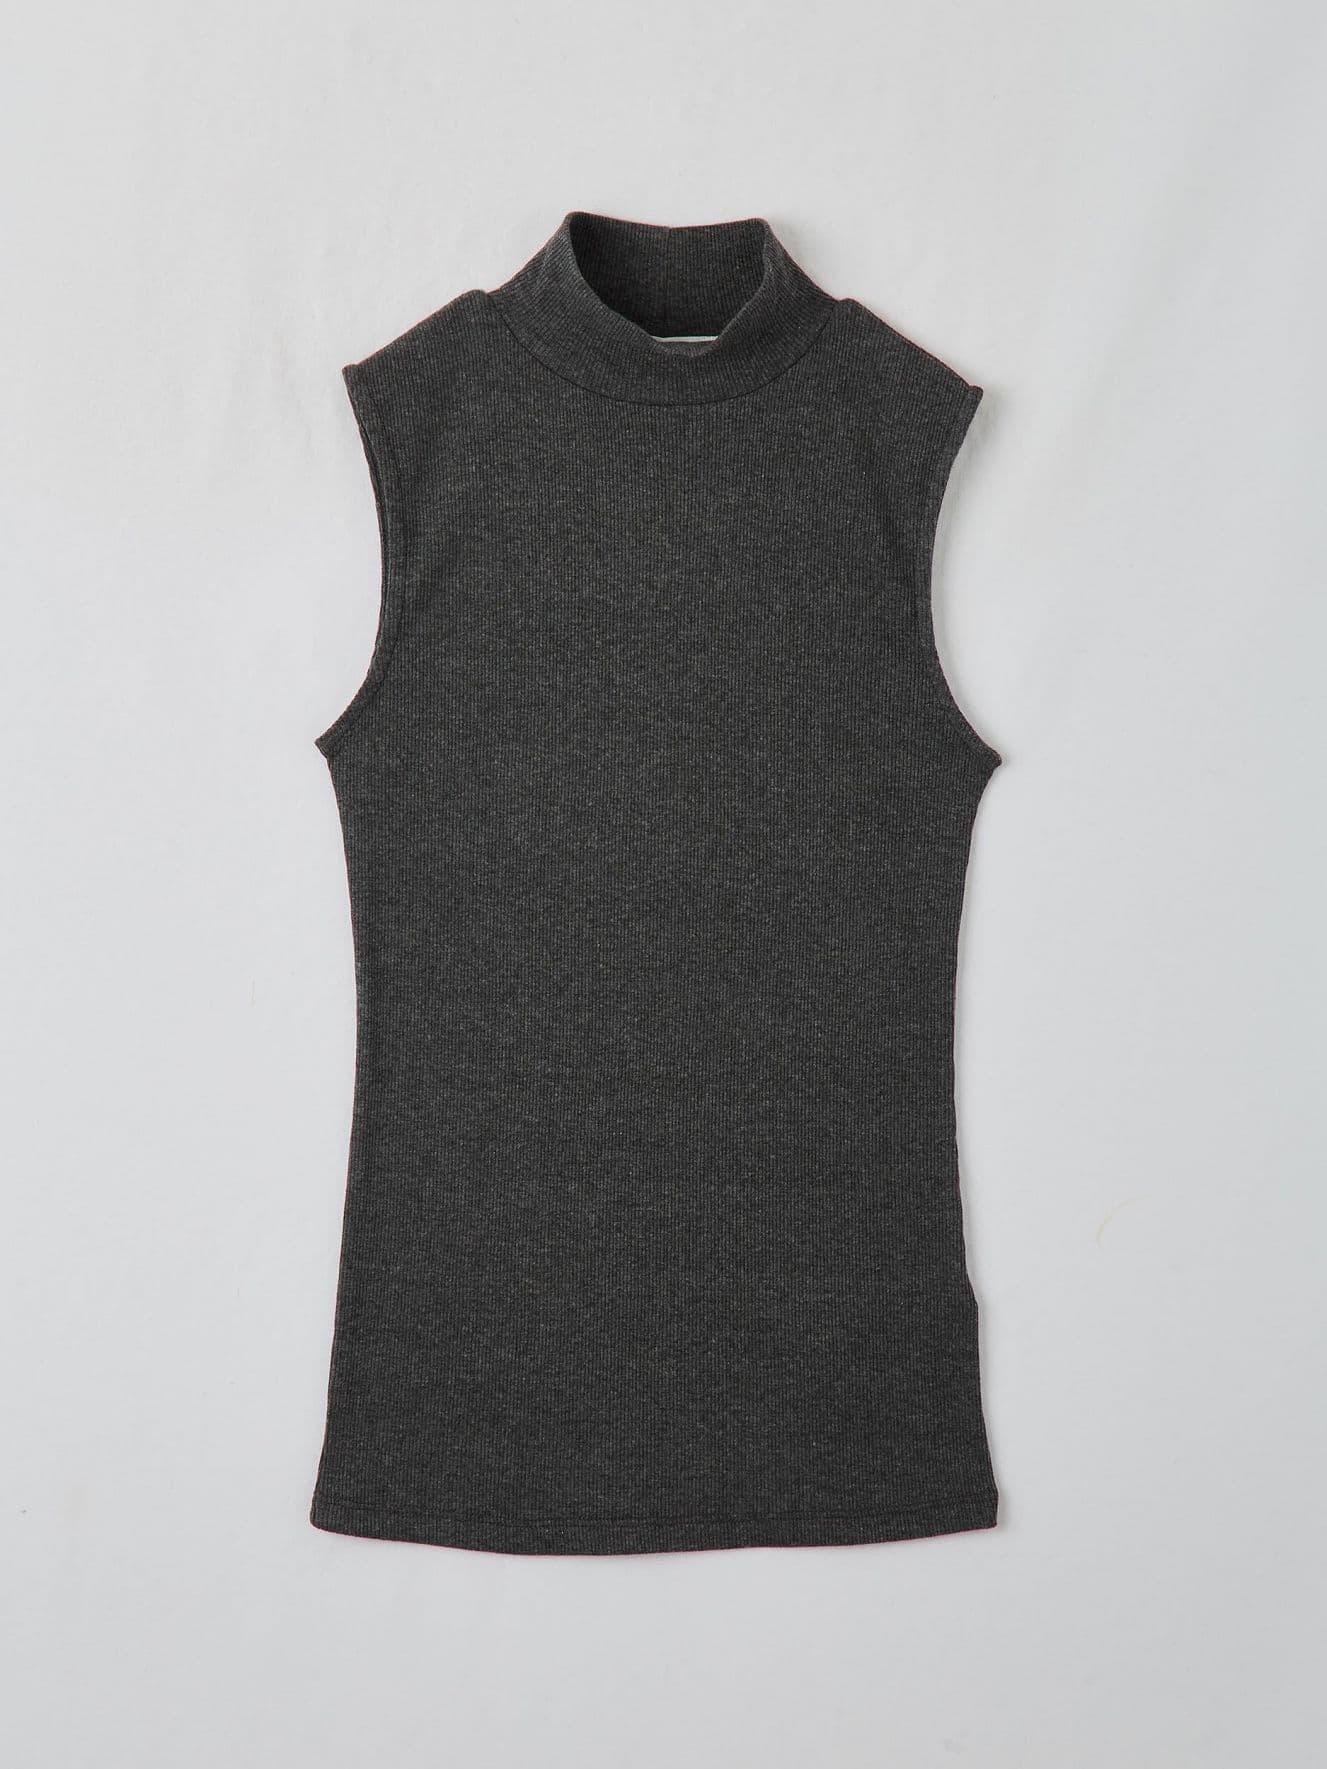 Camiseta Mujer Terranova